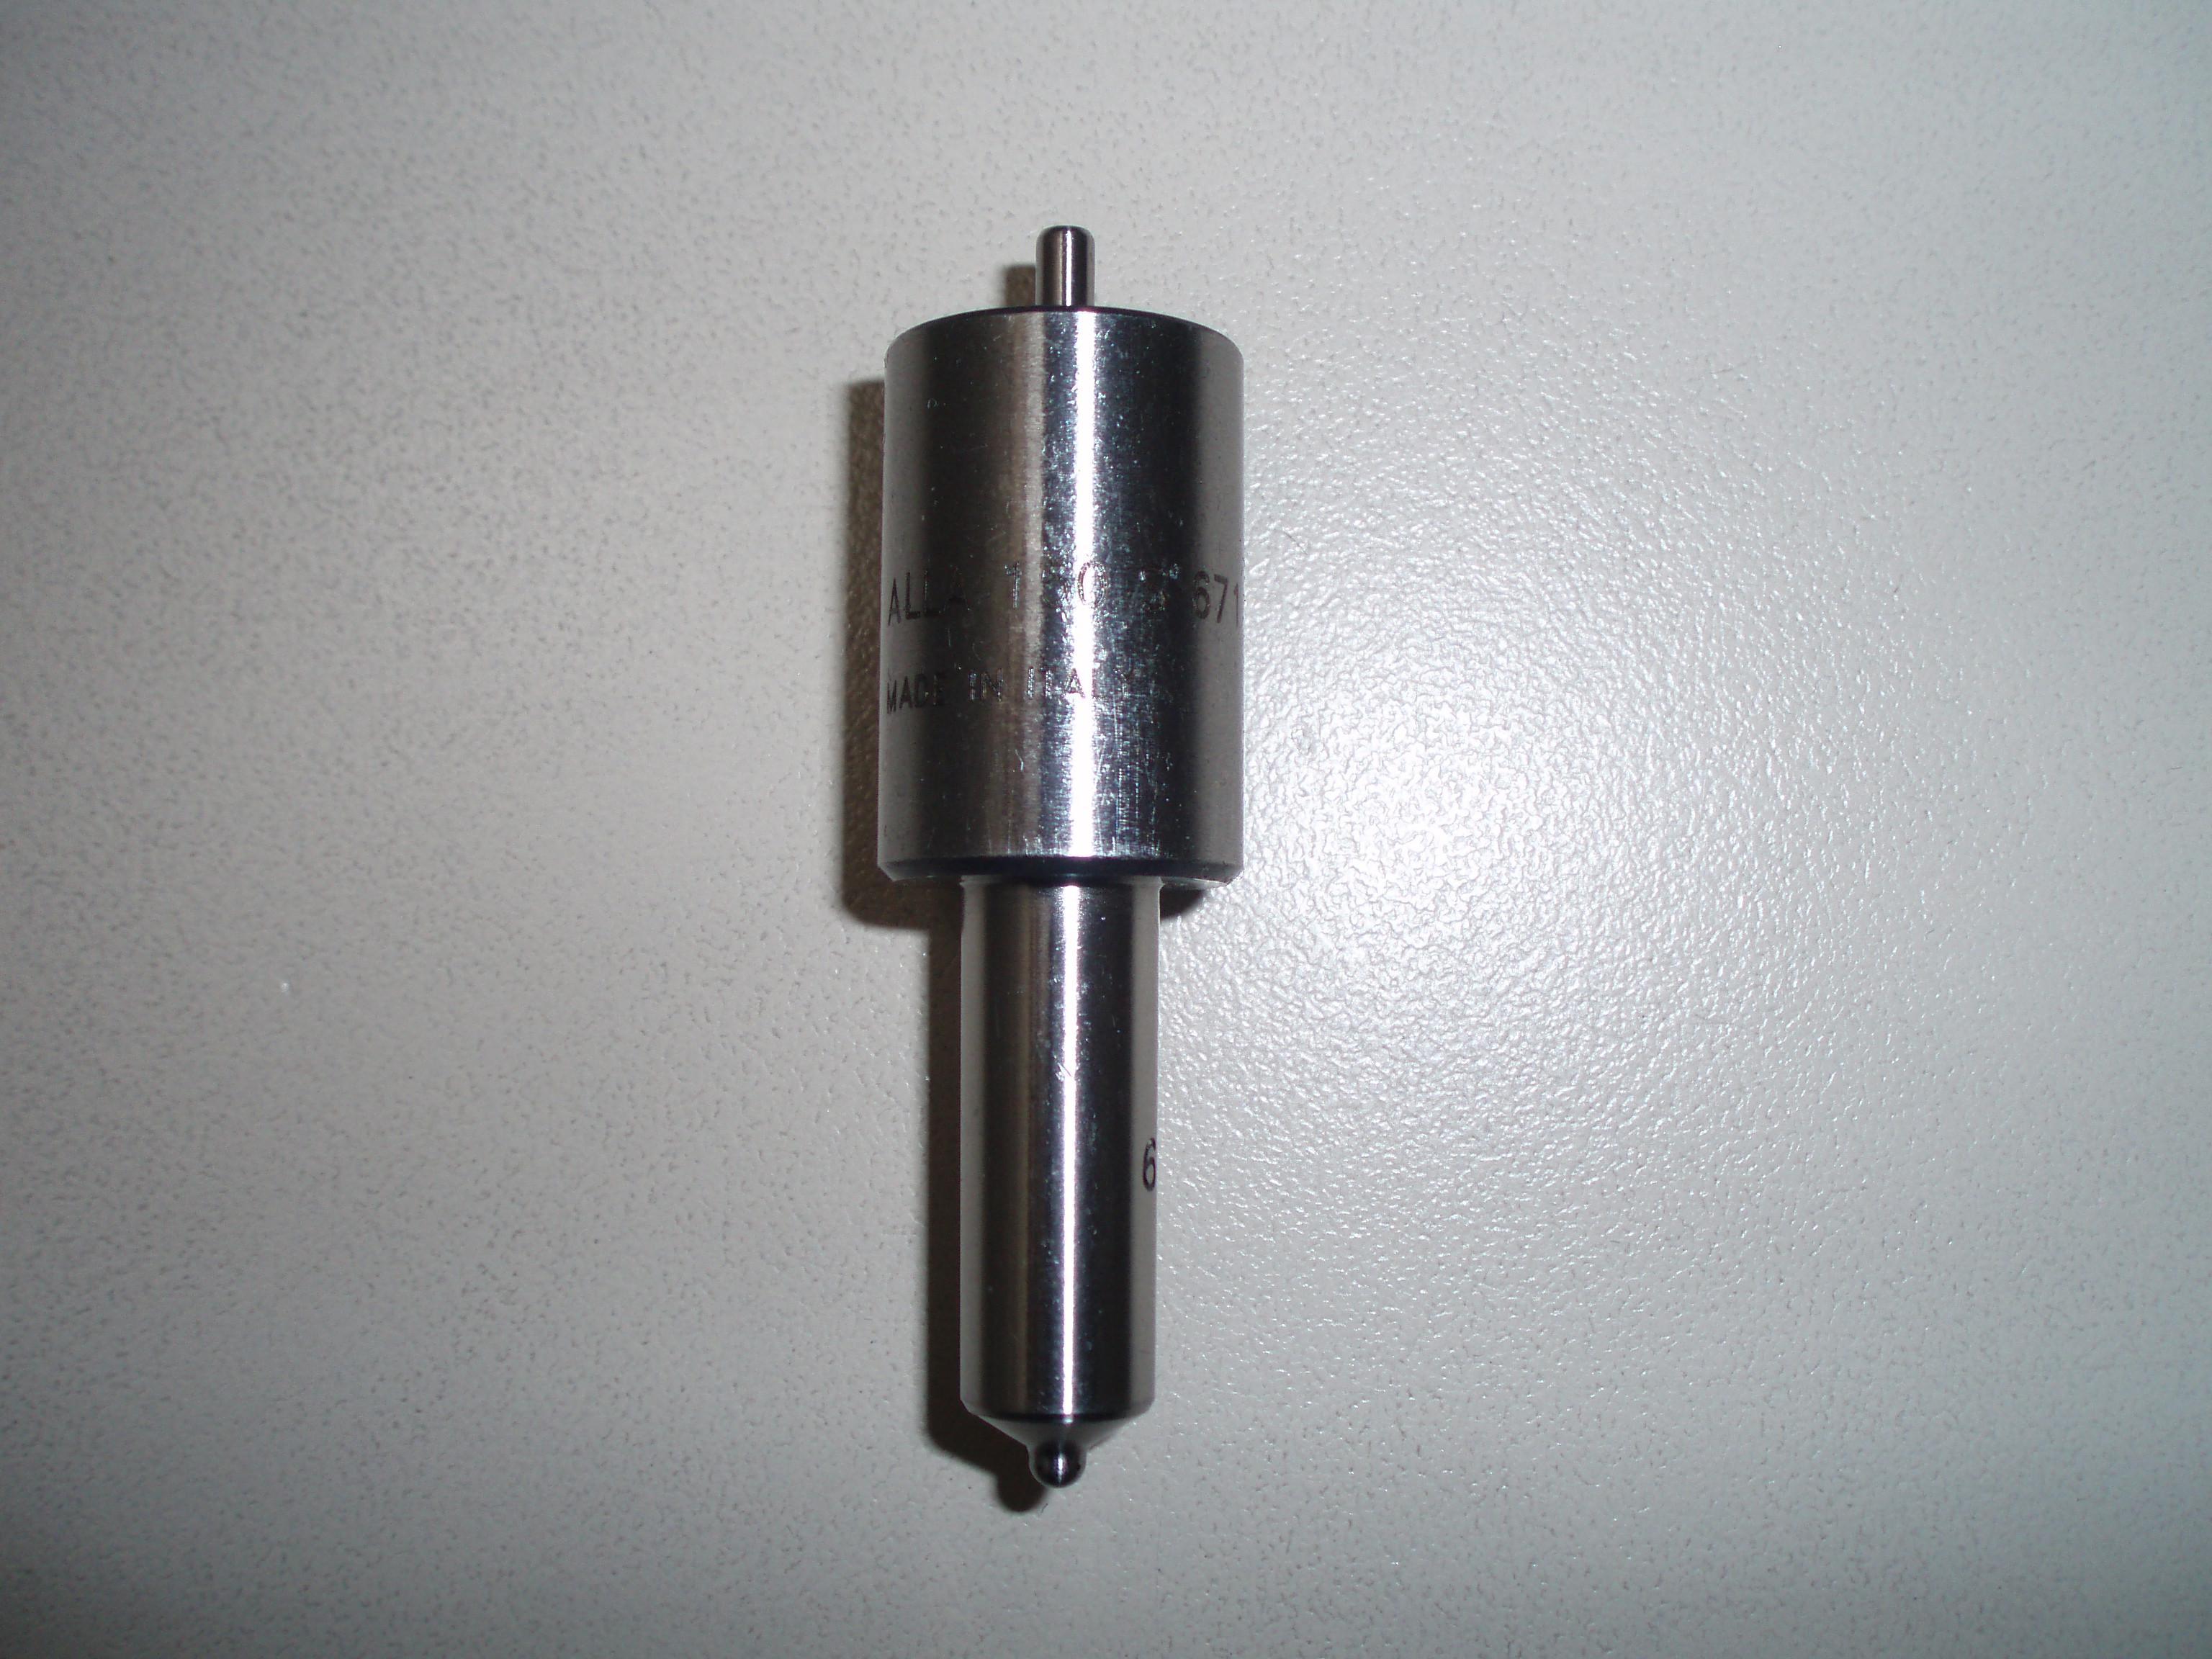 nez Injecteur DVA920 DVA1030 DVA460 DVA515 SLANZI [6531279 - 150S 671 -  0433271071]